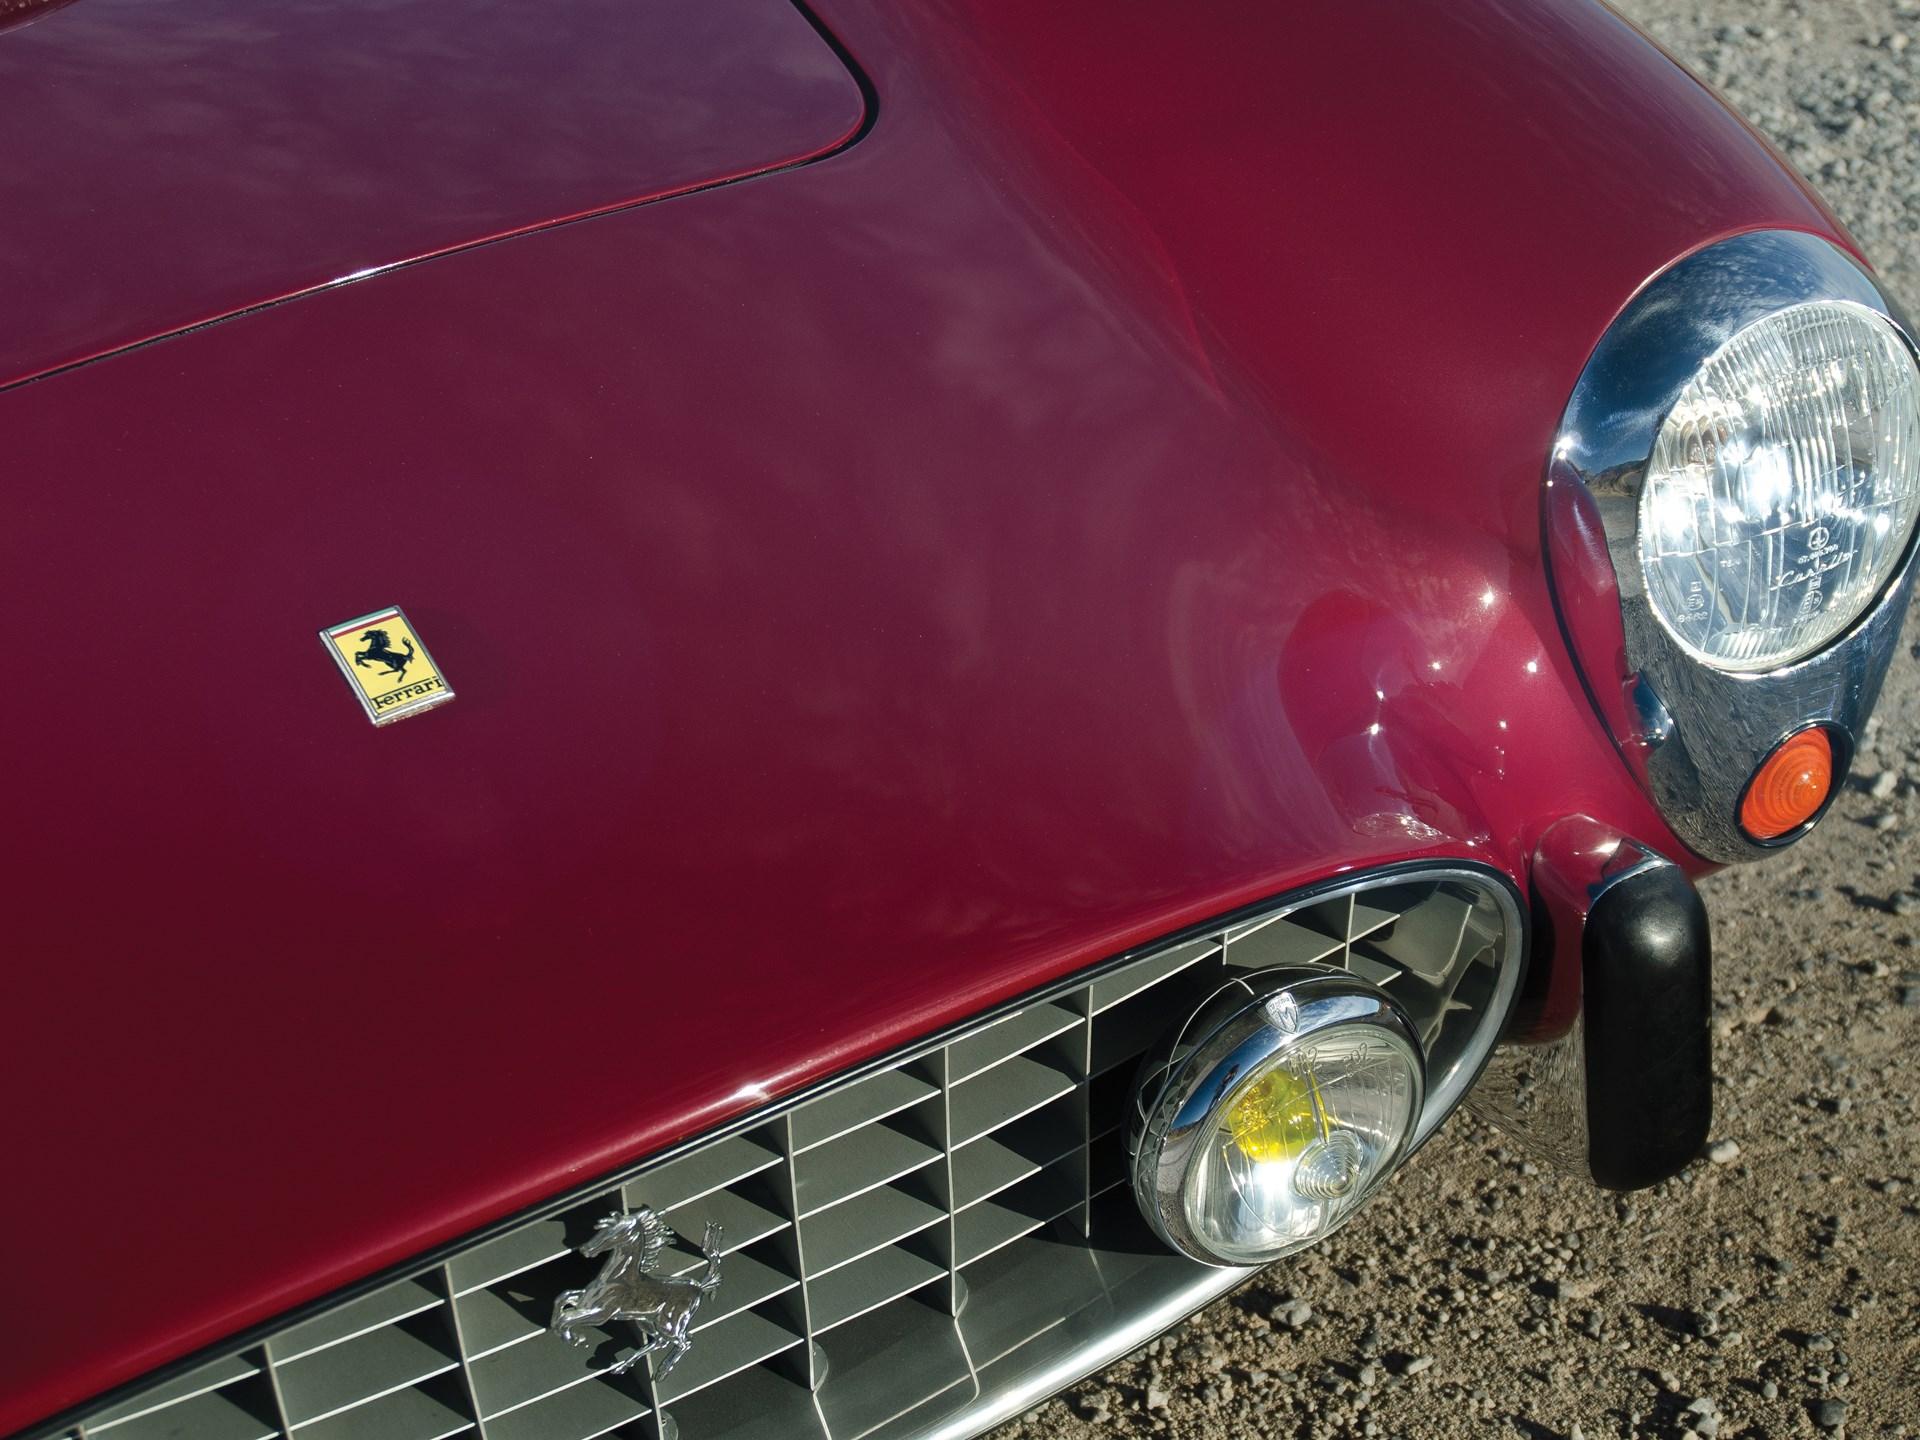 1957 Ferrari 410 Superamerica Coupe by Scaglietti